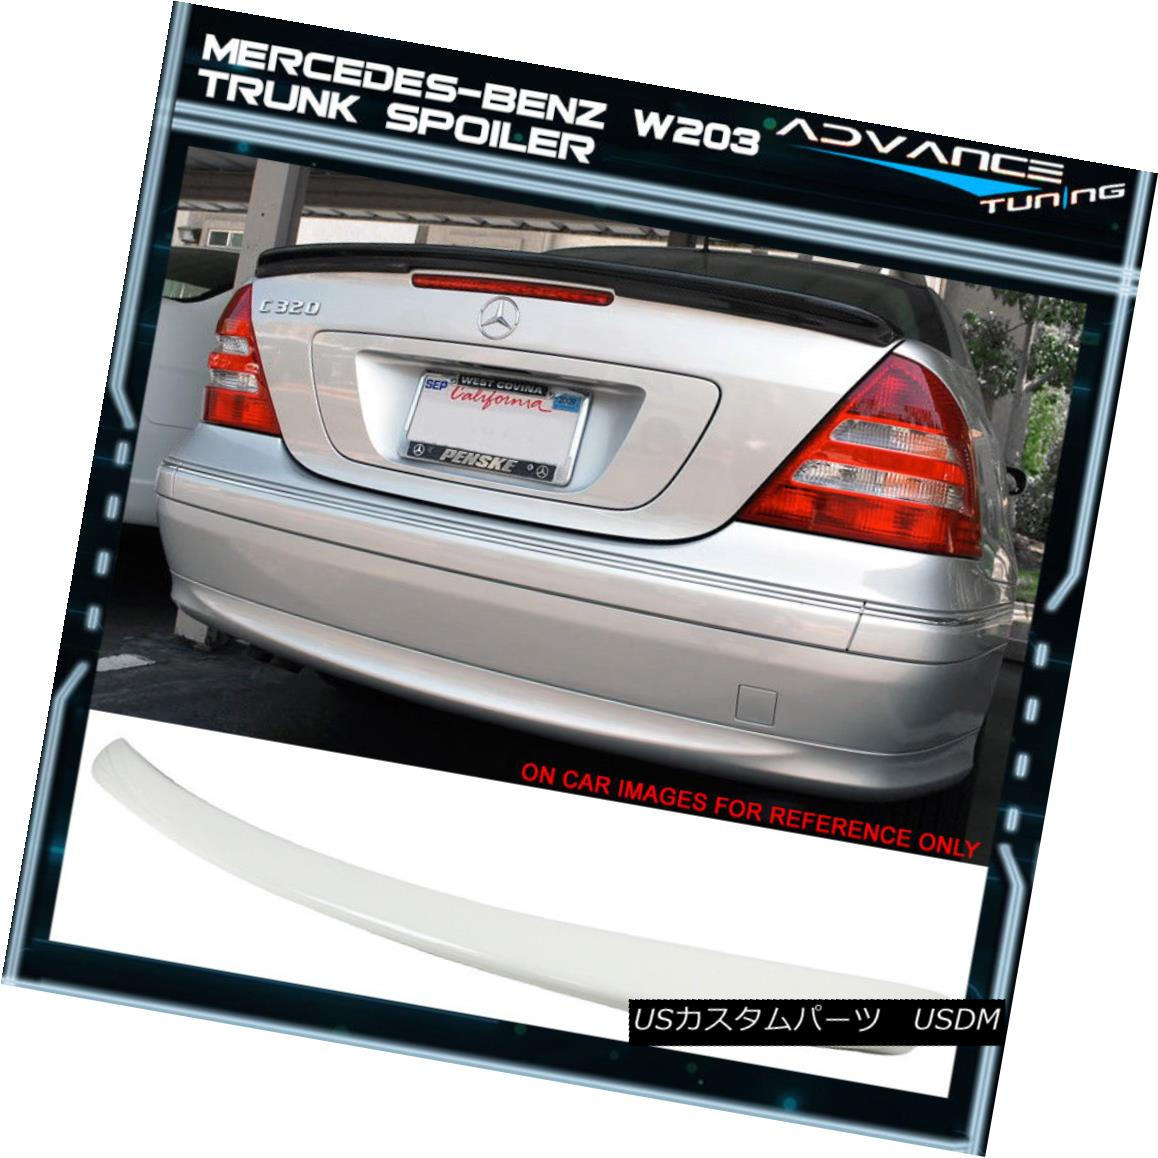 エアロパーツ 01-07 Benz W203 C-Class AMG Style Painted #960 Alabaster White Trunk Spoiler 01-07ベンツW203 CクラスAMGスタイル塗装済み#960アラバスターホワイトトランクスポイラー